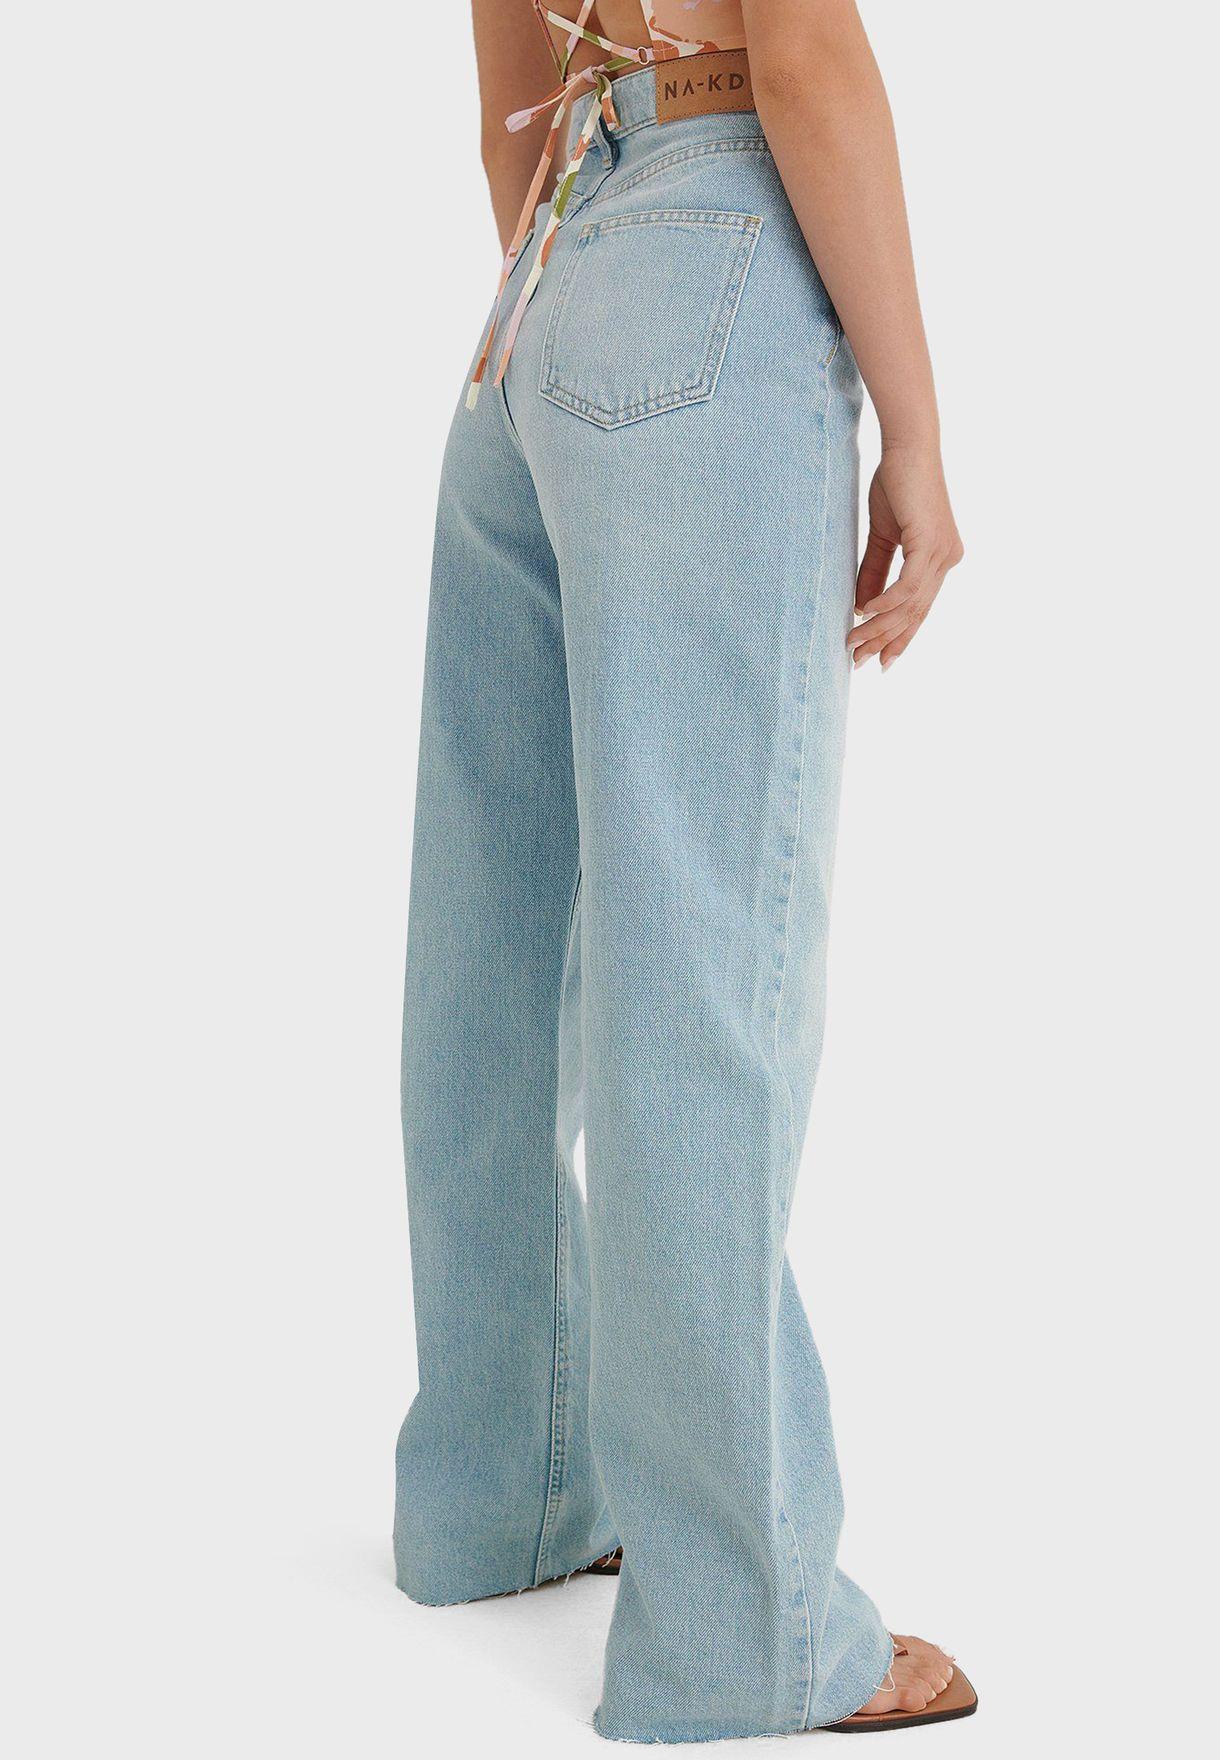 جينز بخصر عالي وقصة مستقيمة